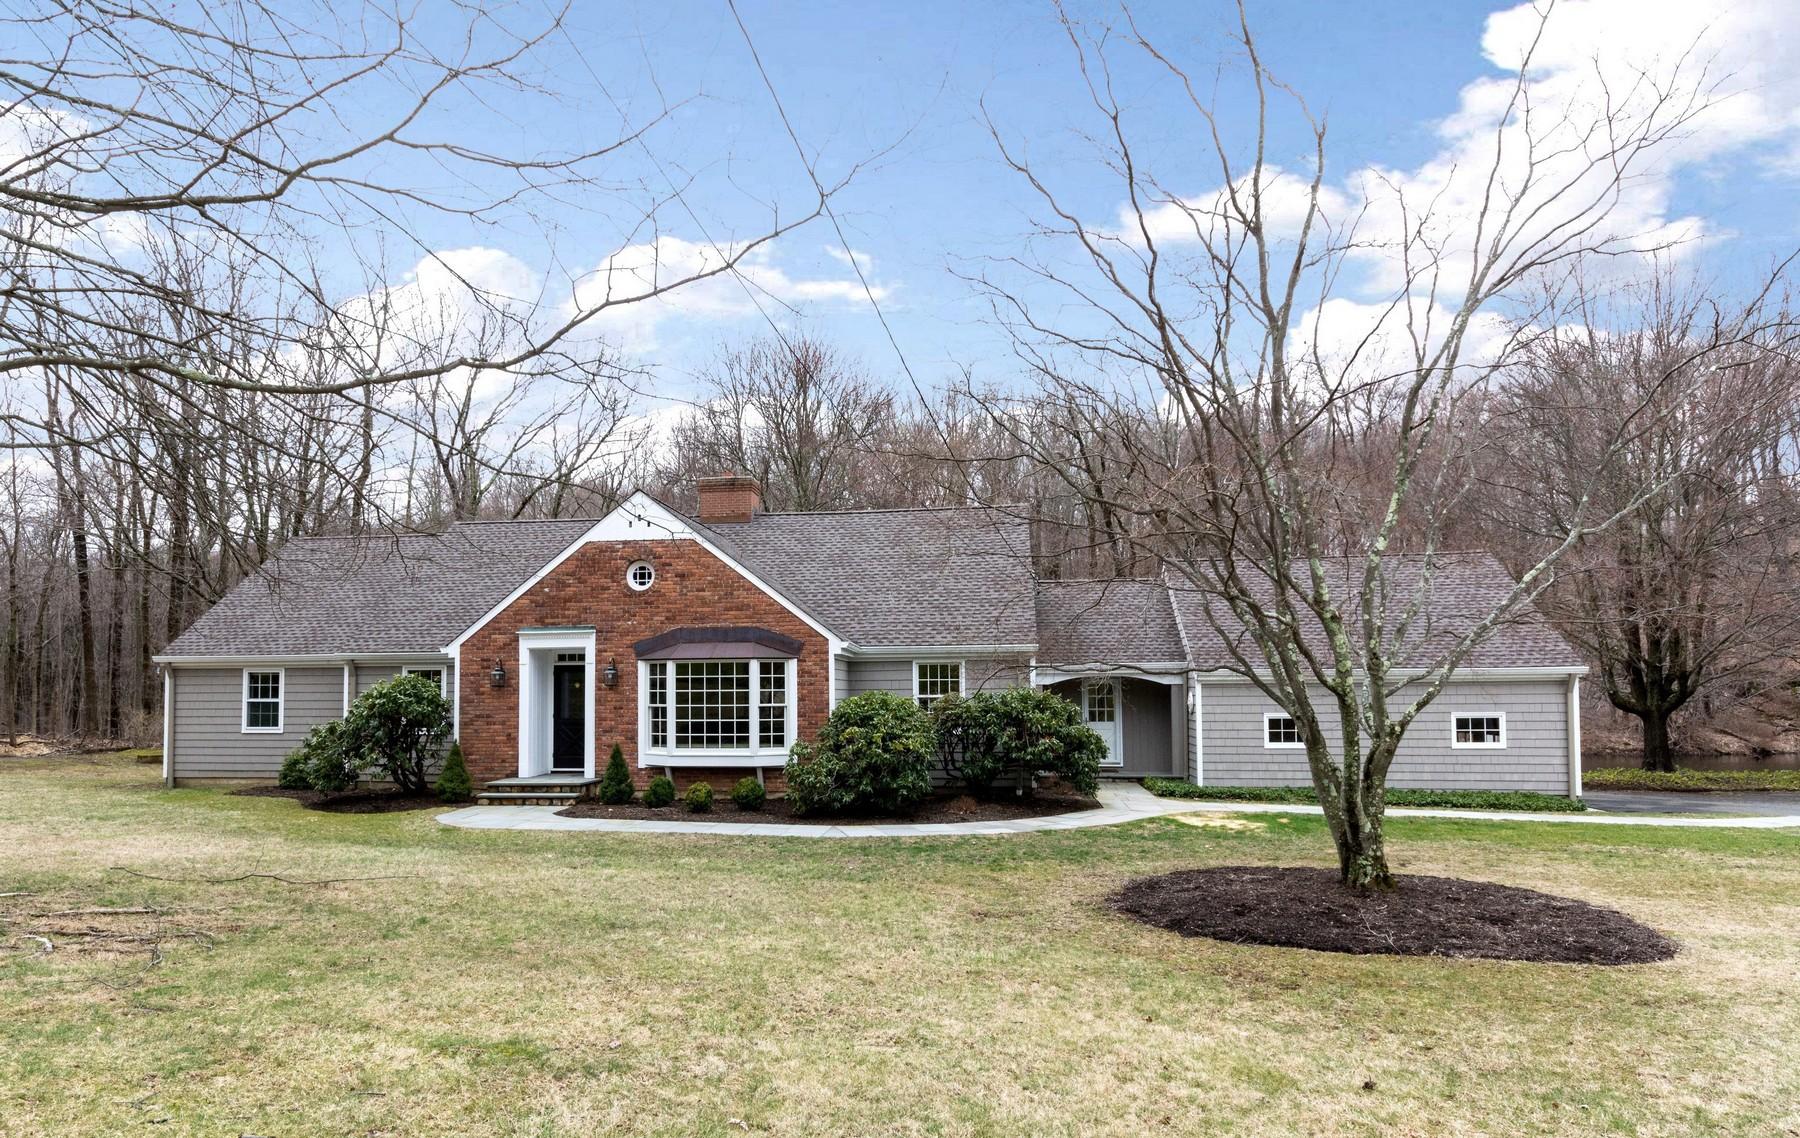 단독 가정 주택 용 매매 에 Quintessential Connecticut 130 Indian Cave Road Ridgefield, 코네티컷, 06877 미국